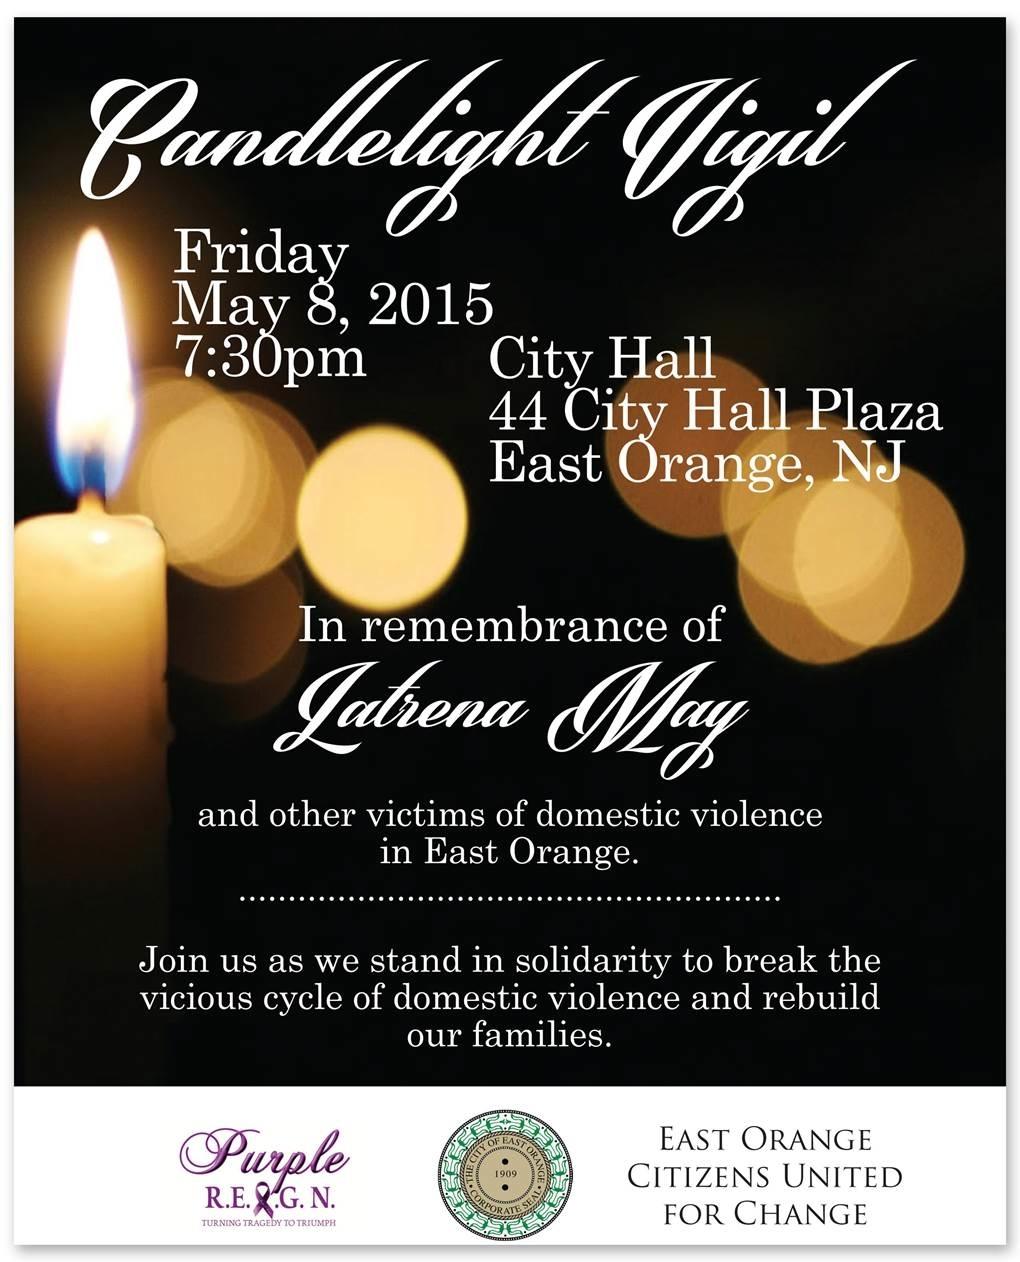 655e64bd076bf5801533_cadlelight_vigil.jpg